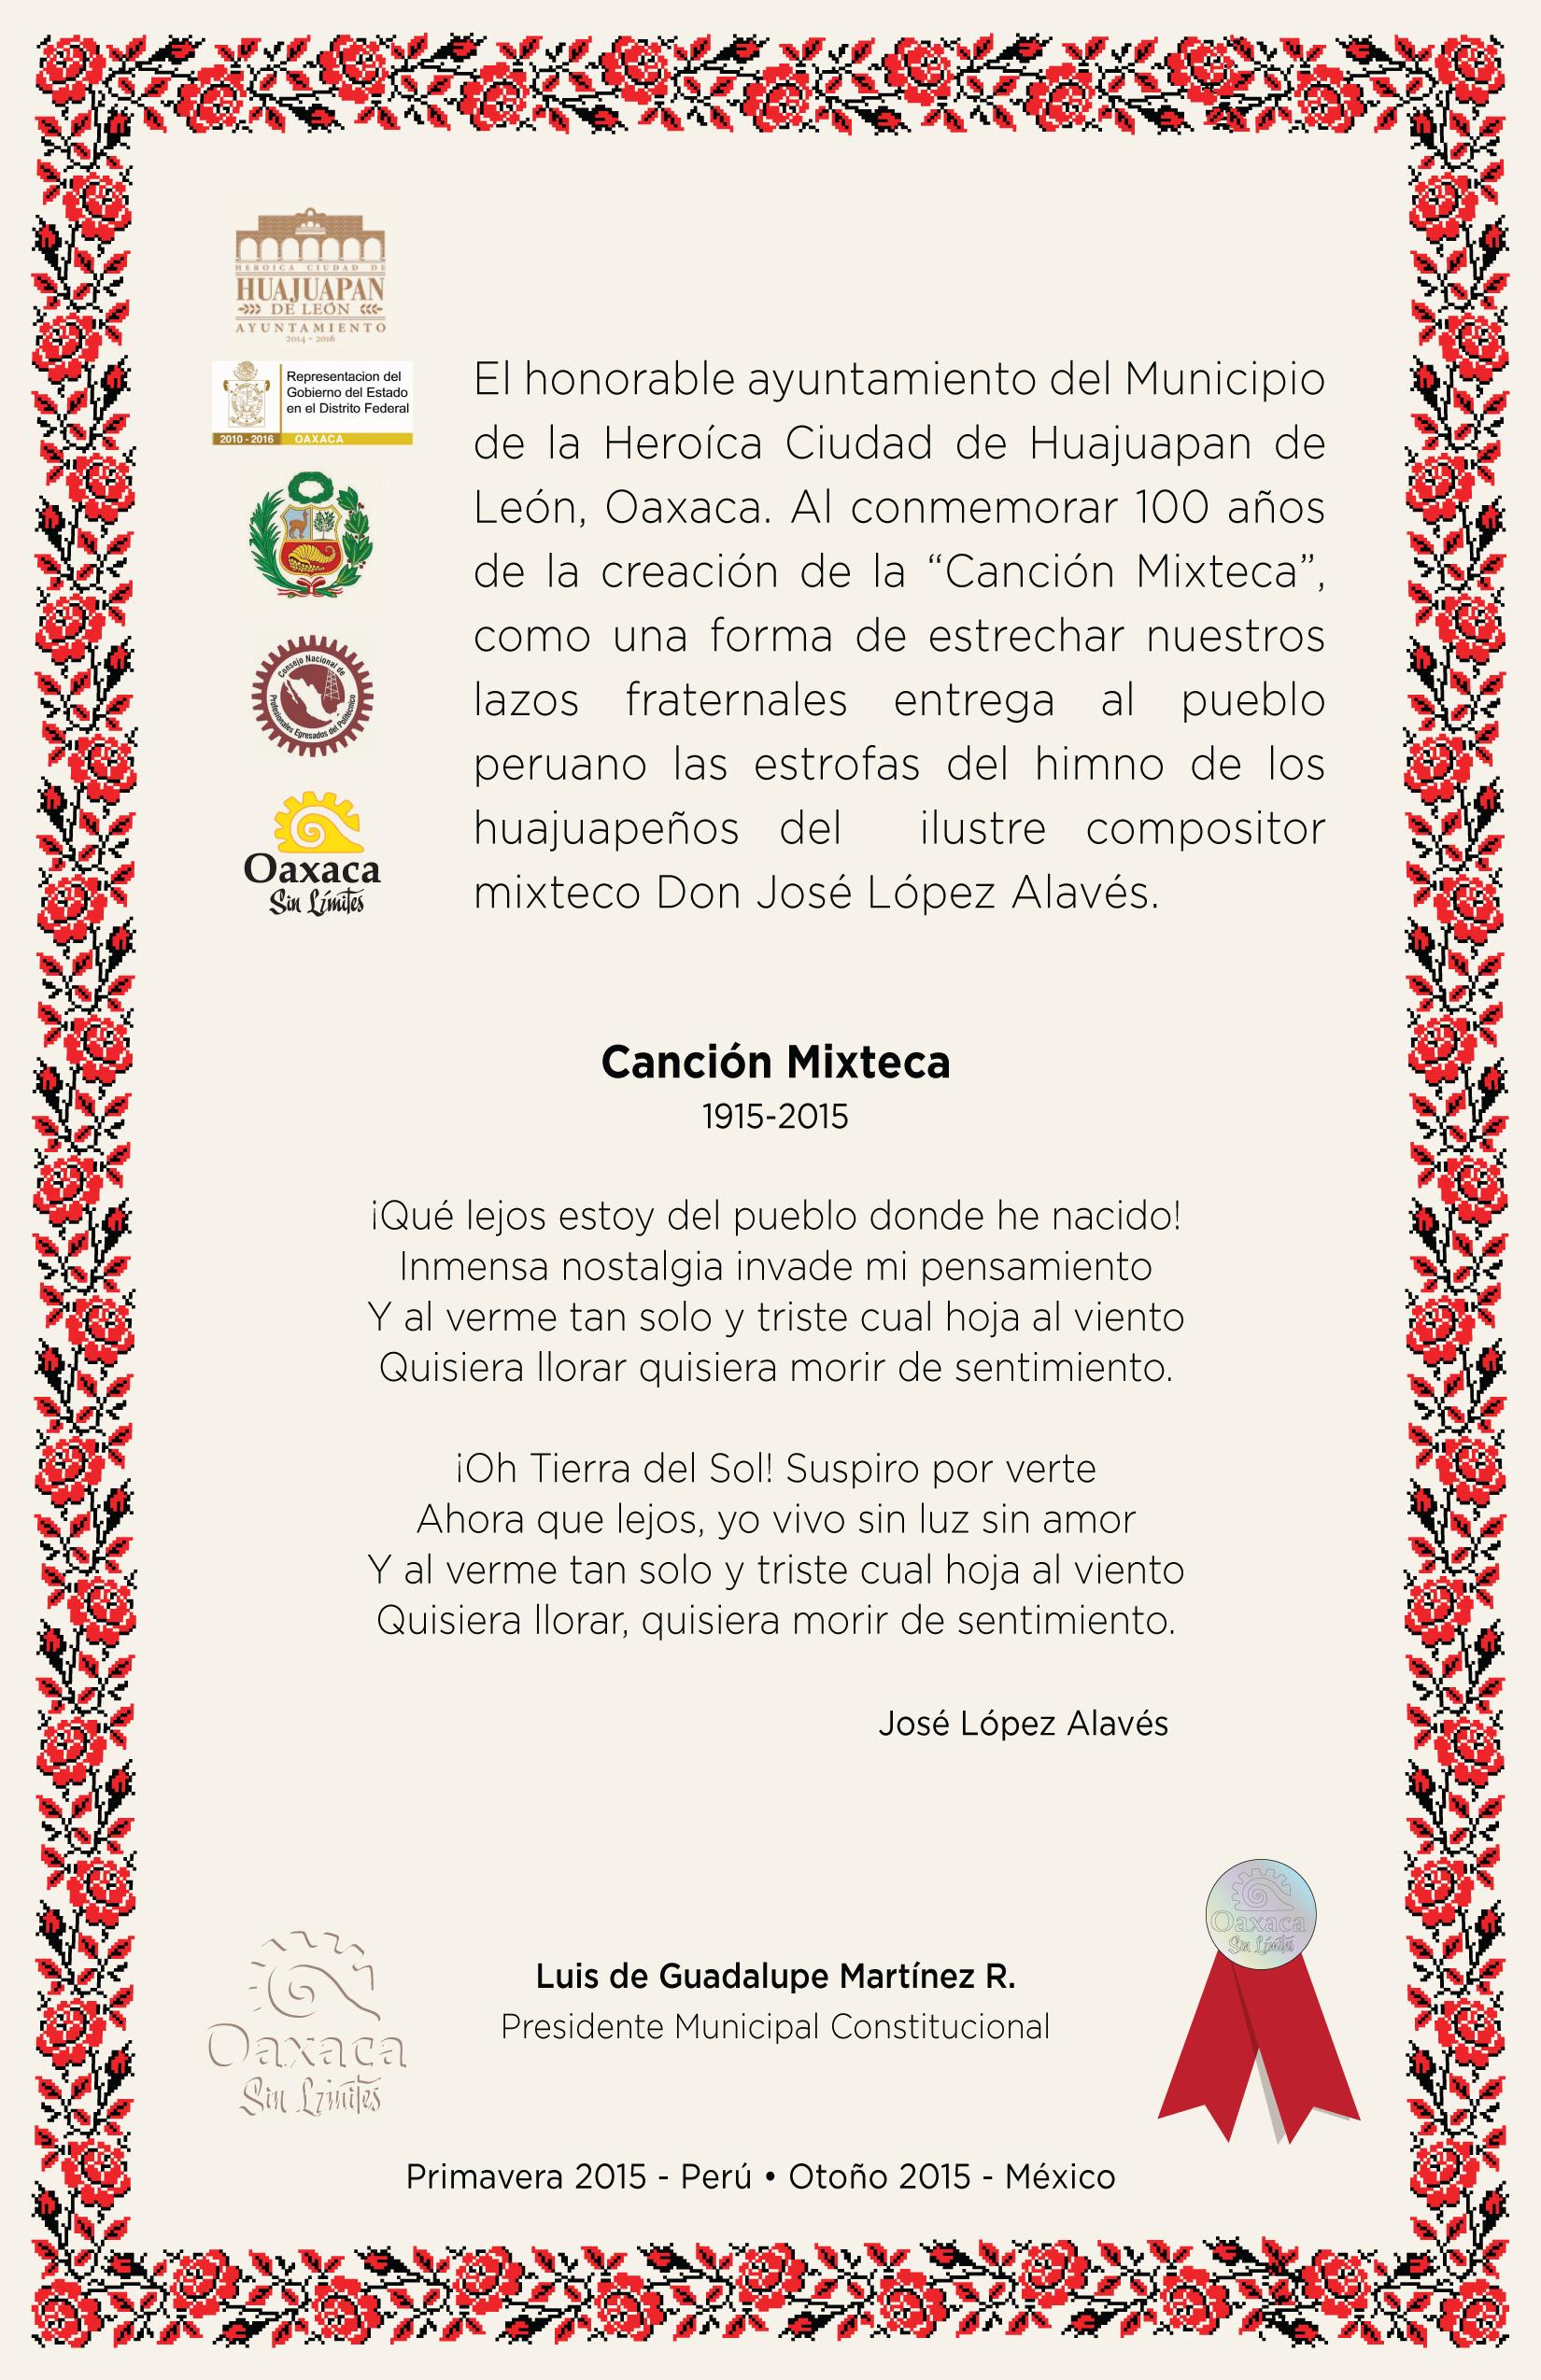 CARTA MEXICO-PERU 03